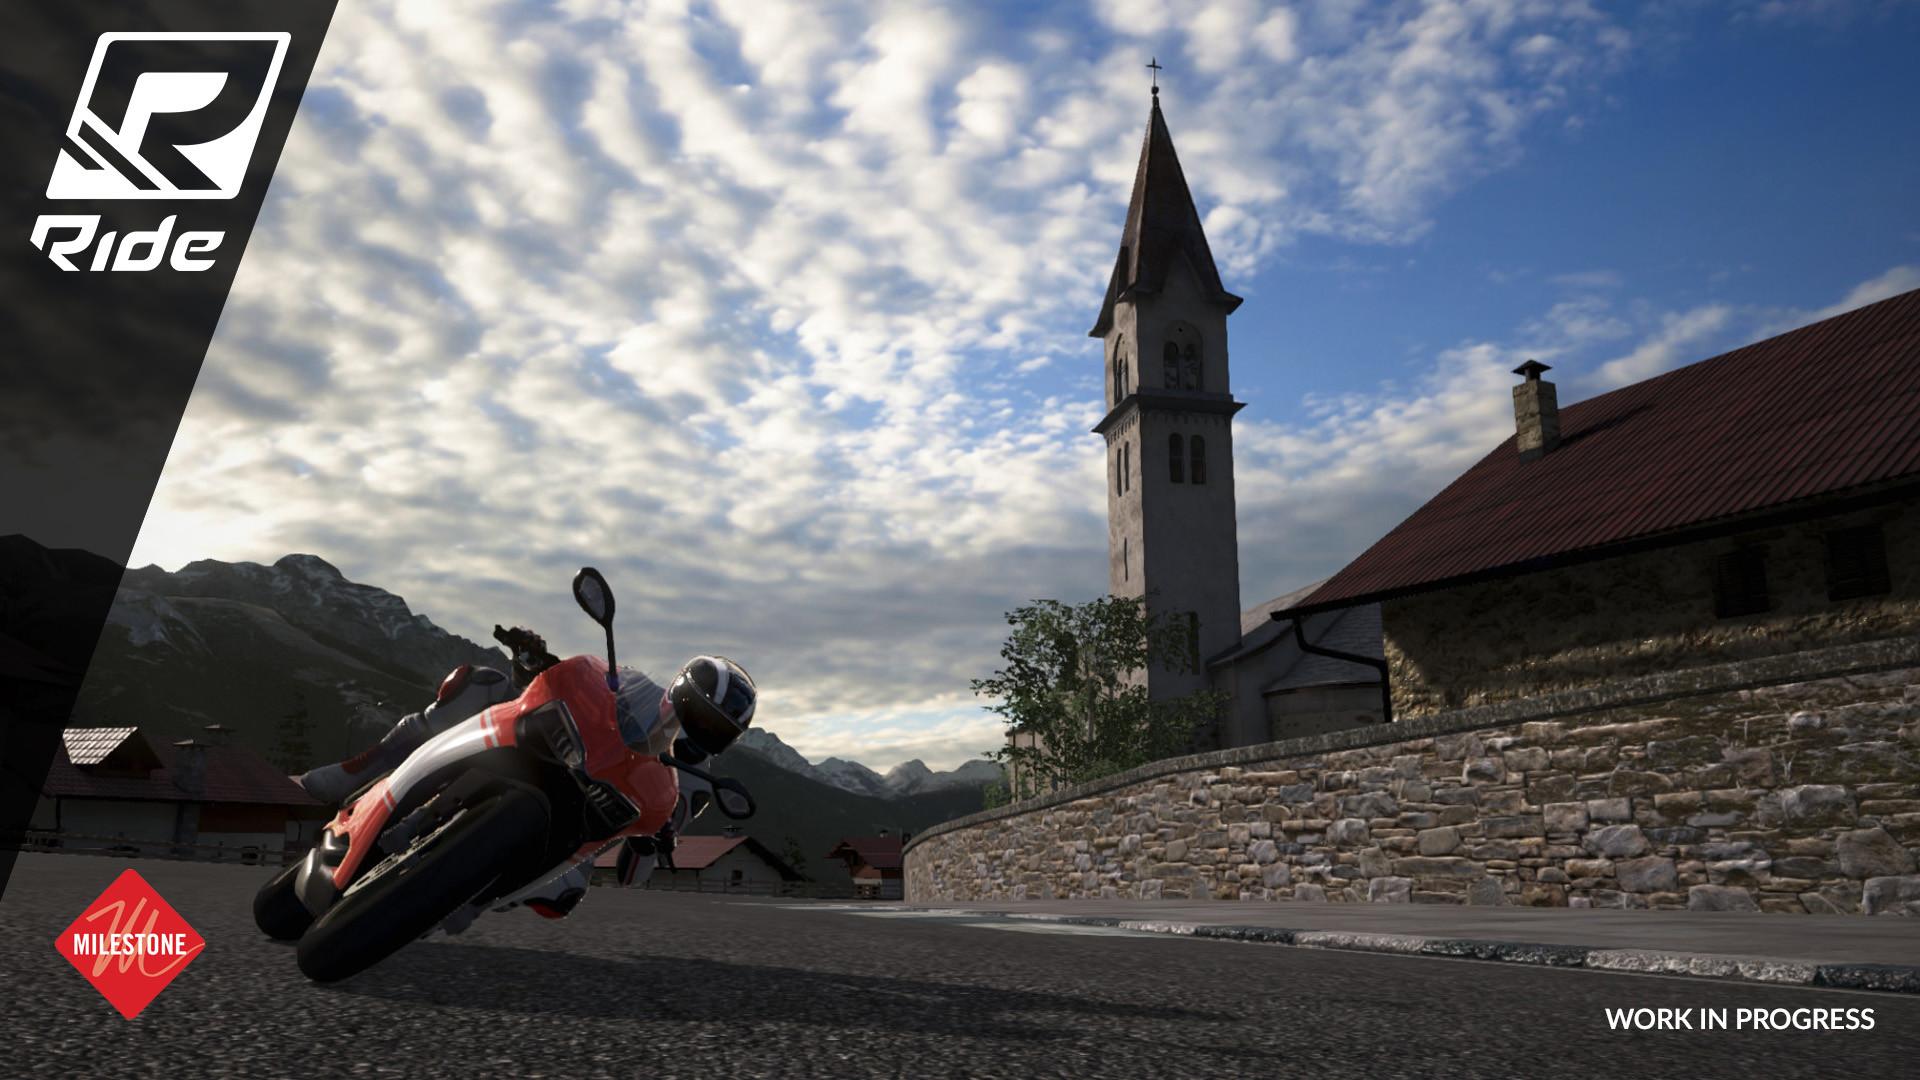 První obrázky z motocyklových závodů Ride 103206